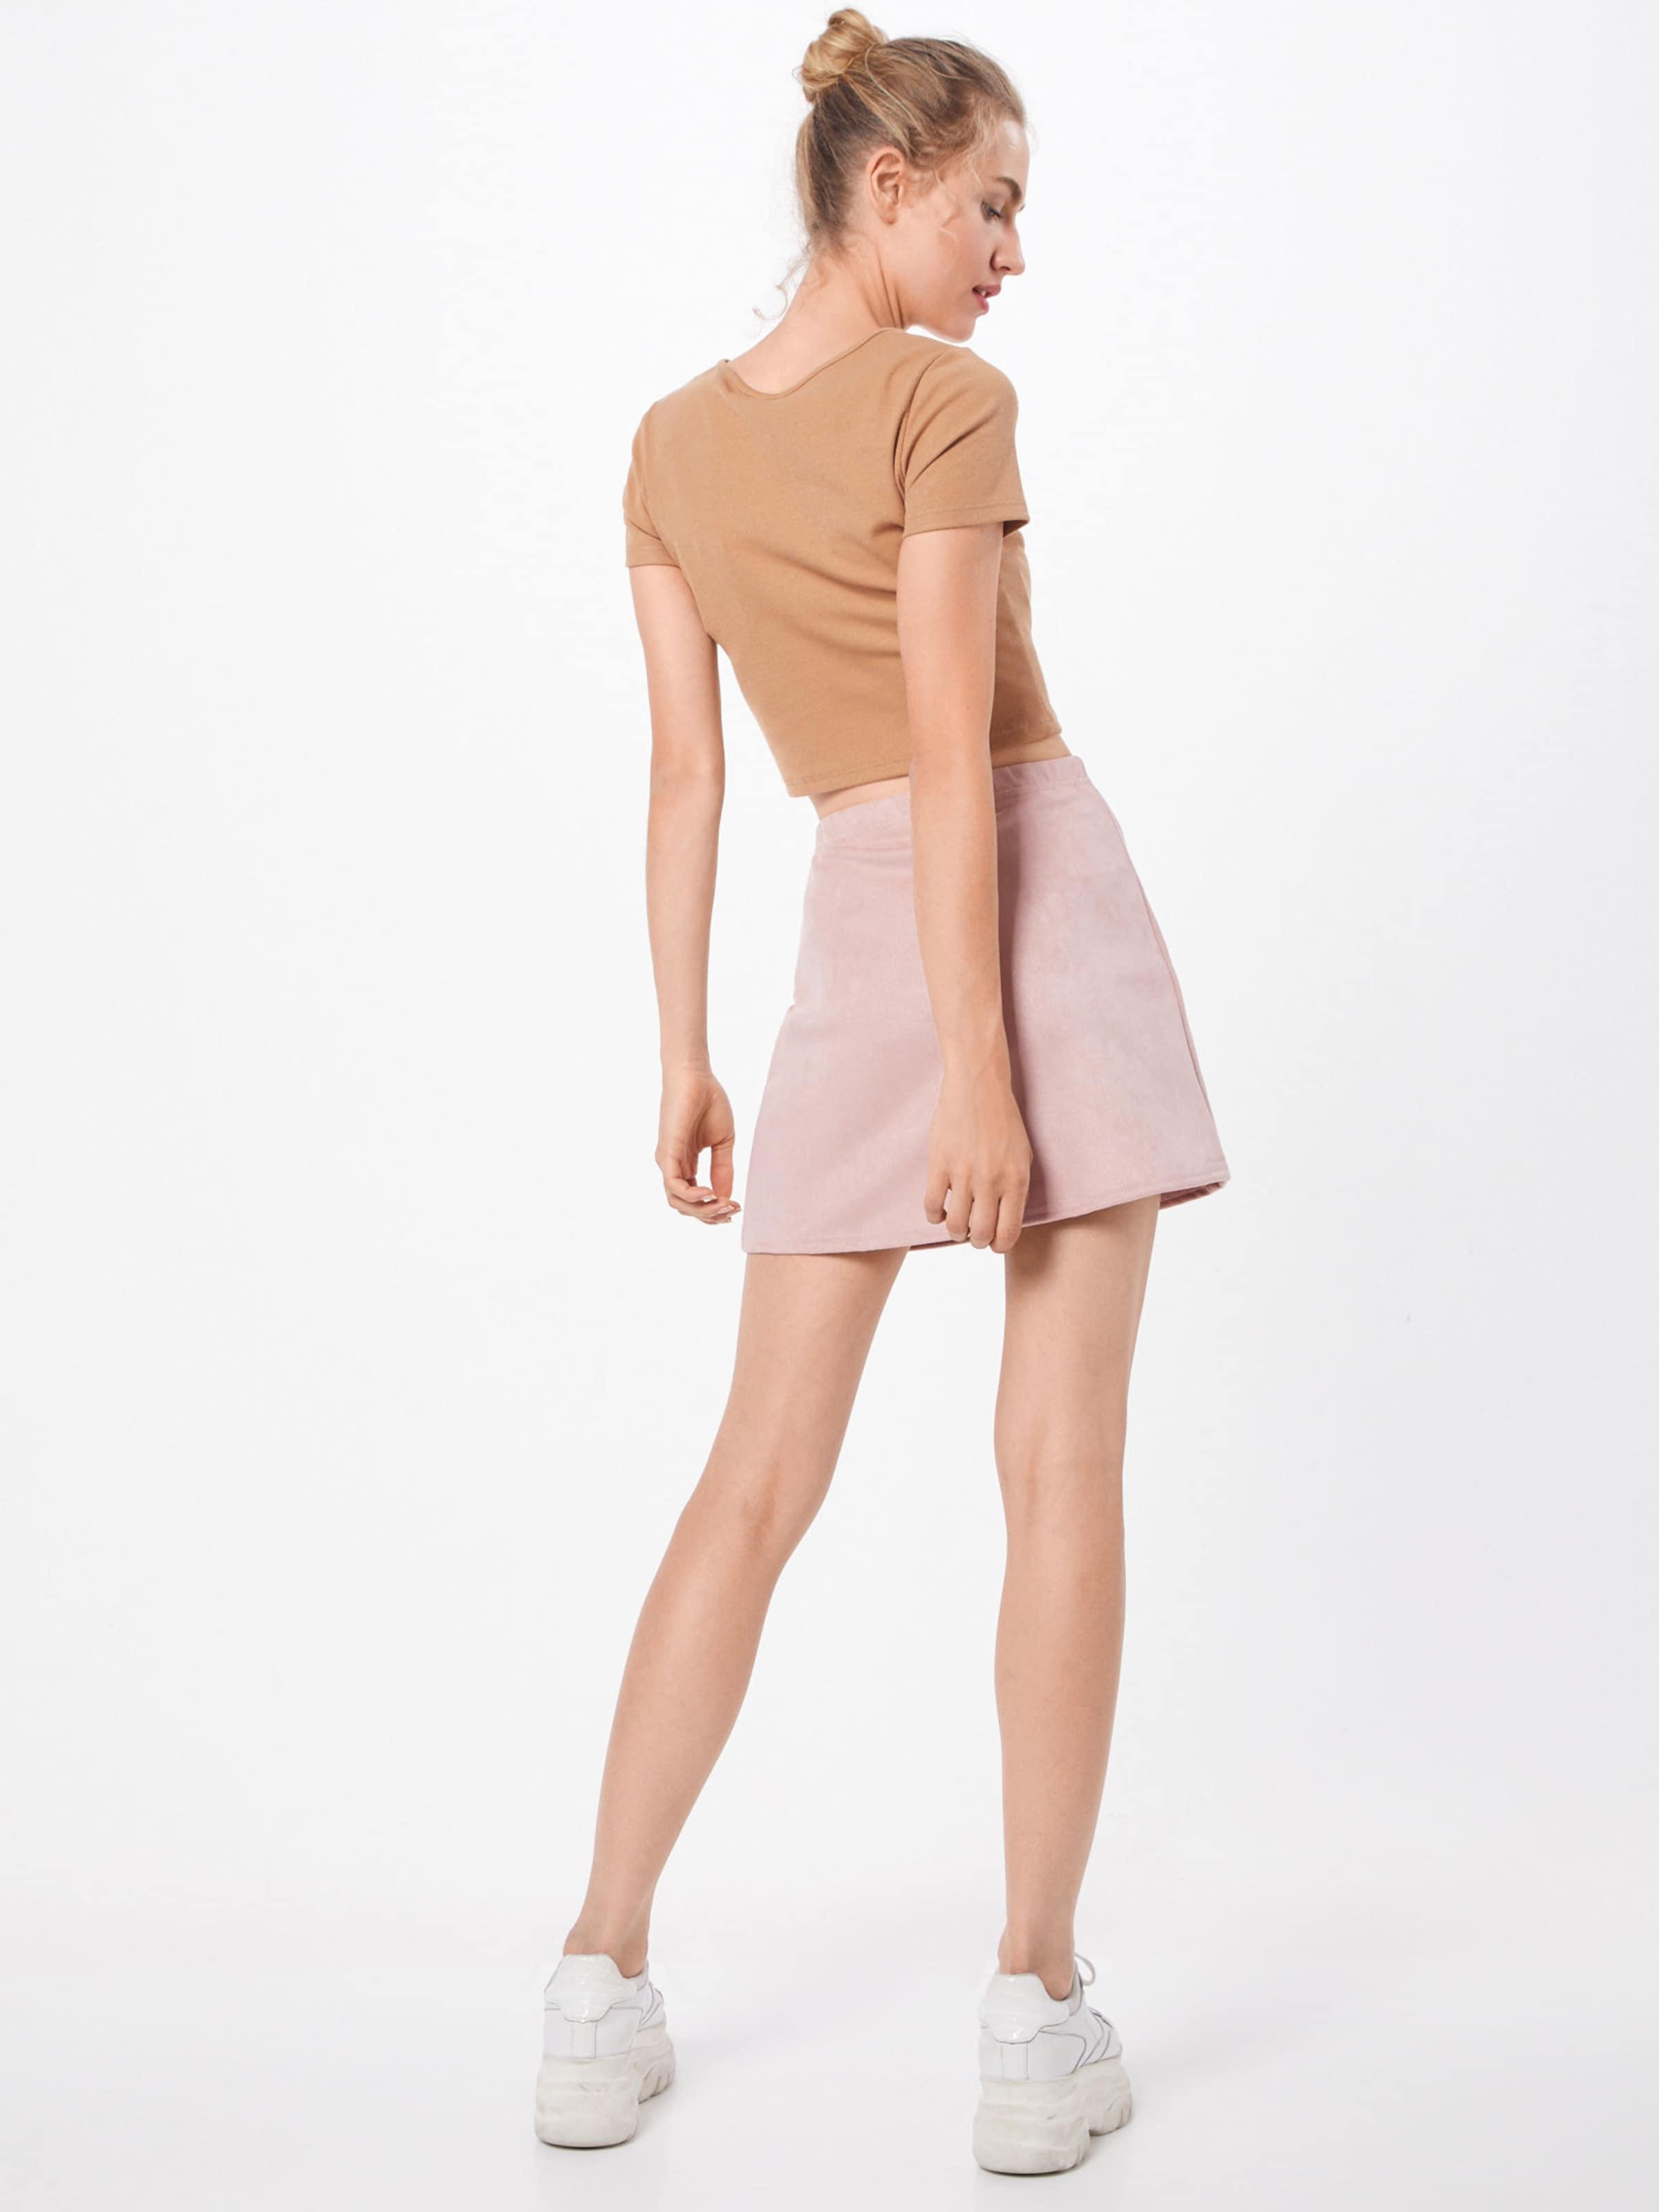 Skirt' Aline Mini Rock In Boohoo 'suedette Rosa mNn0v8w